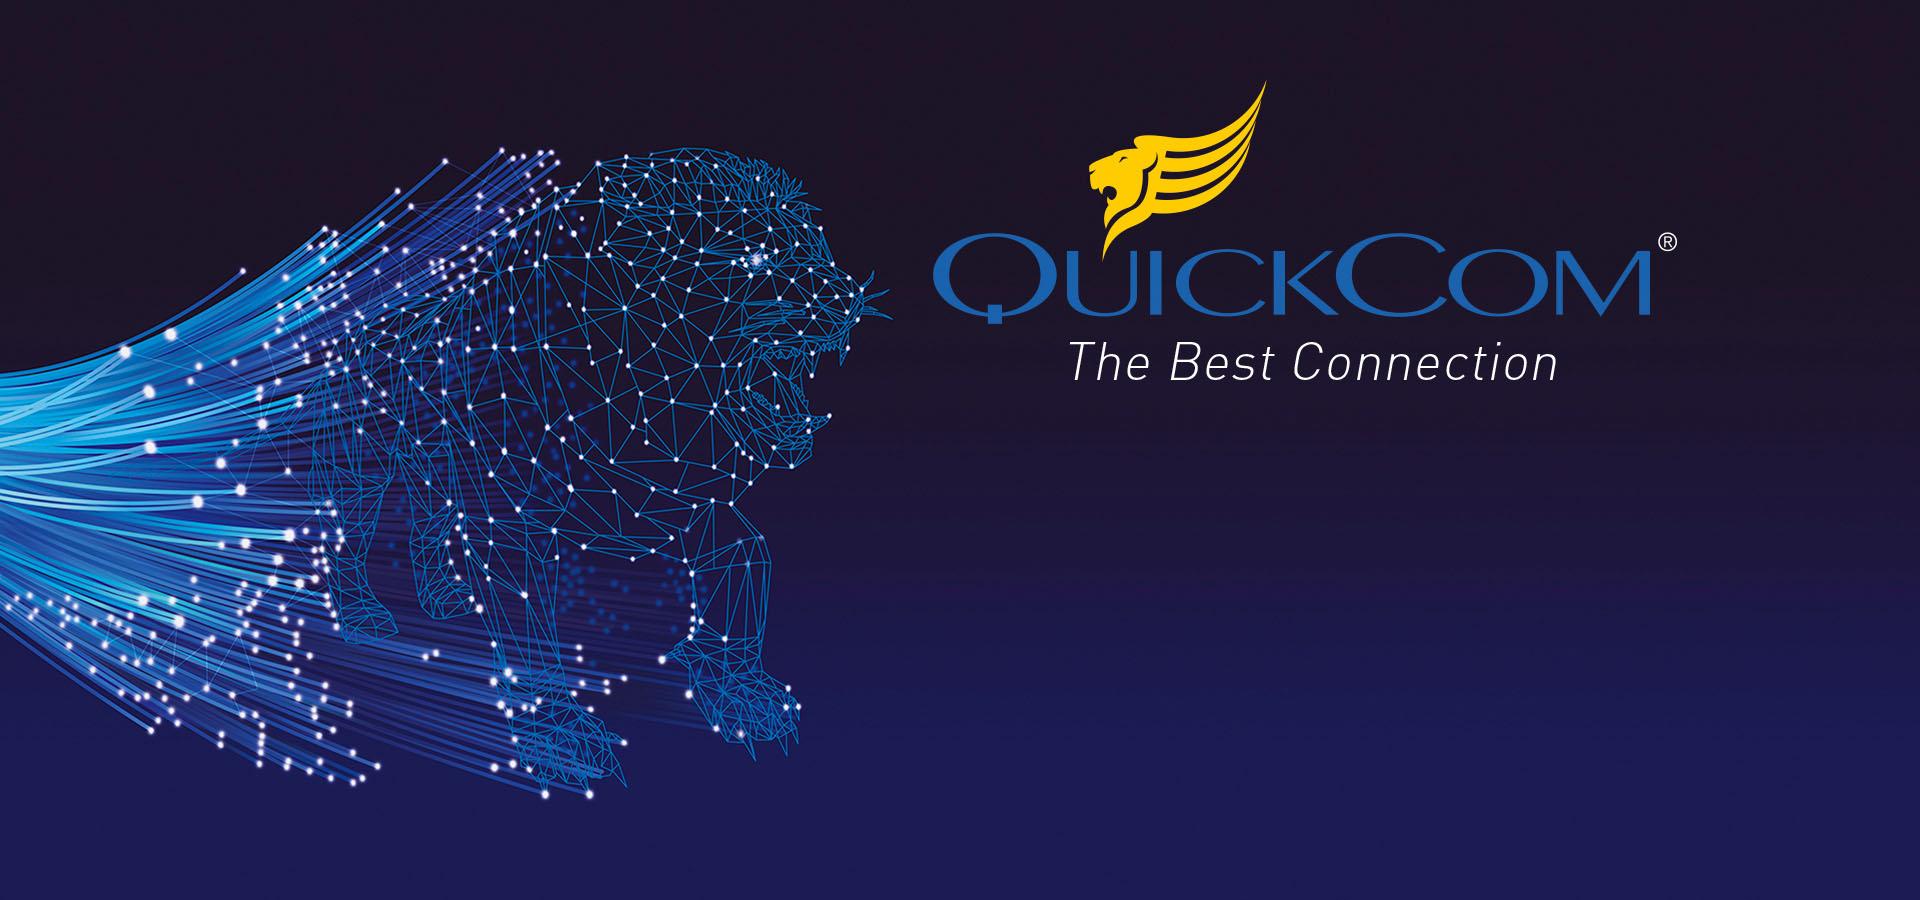 quickcom-leone1